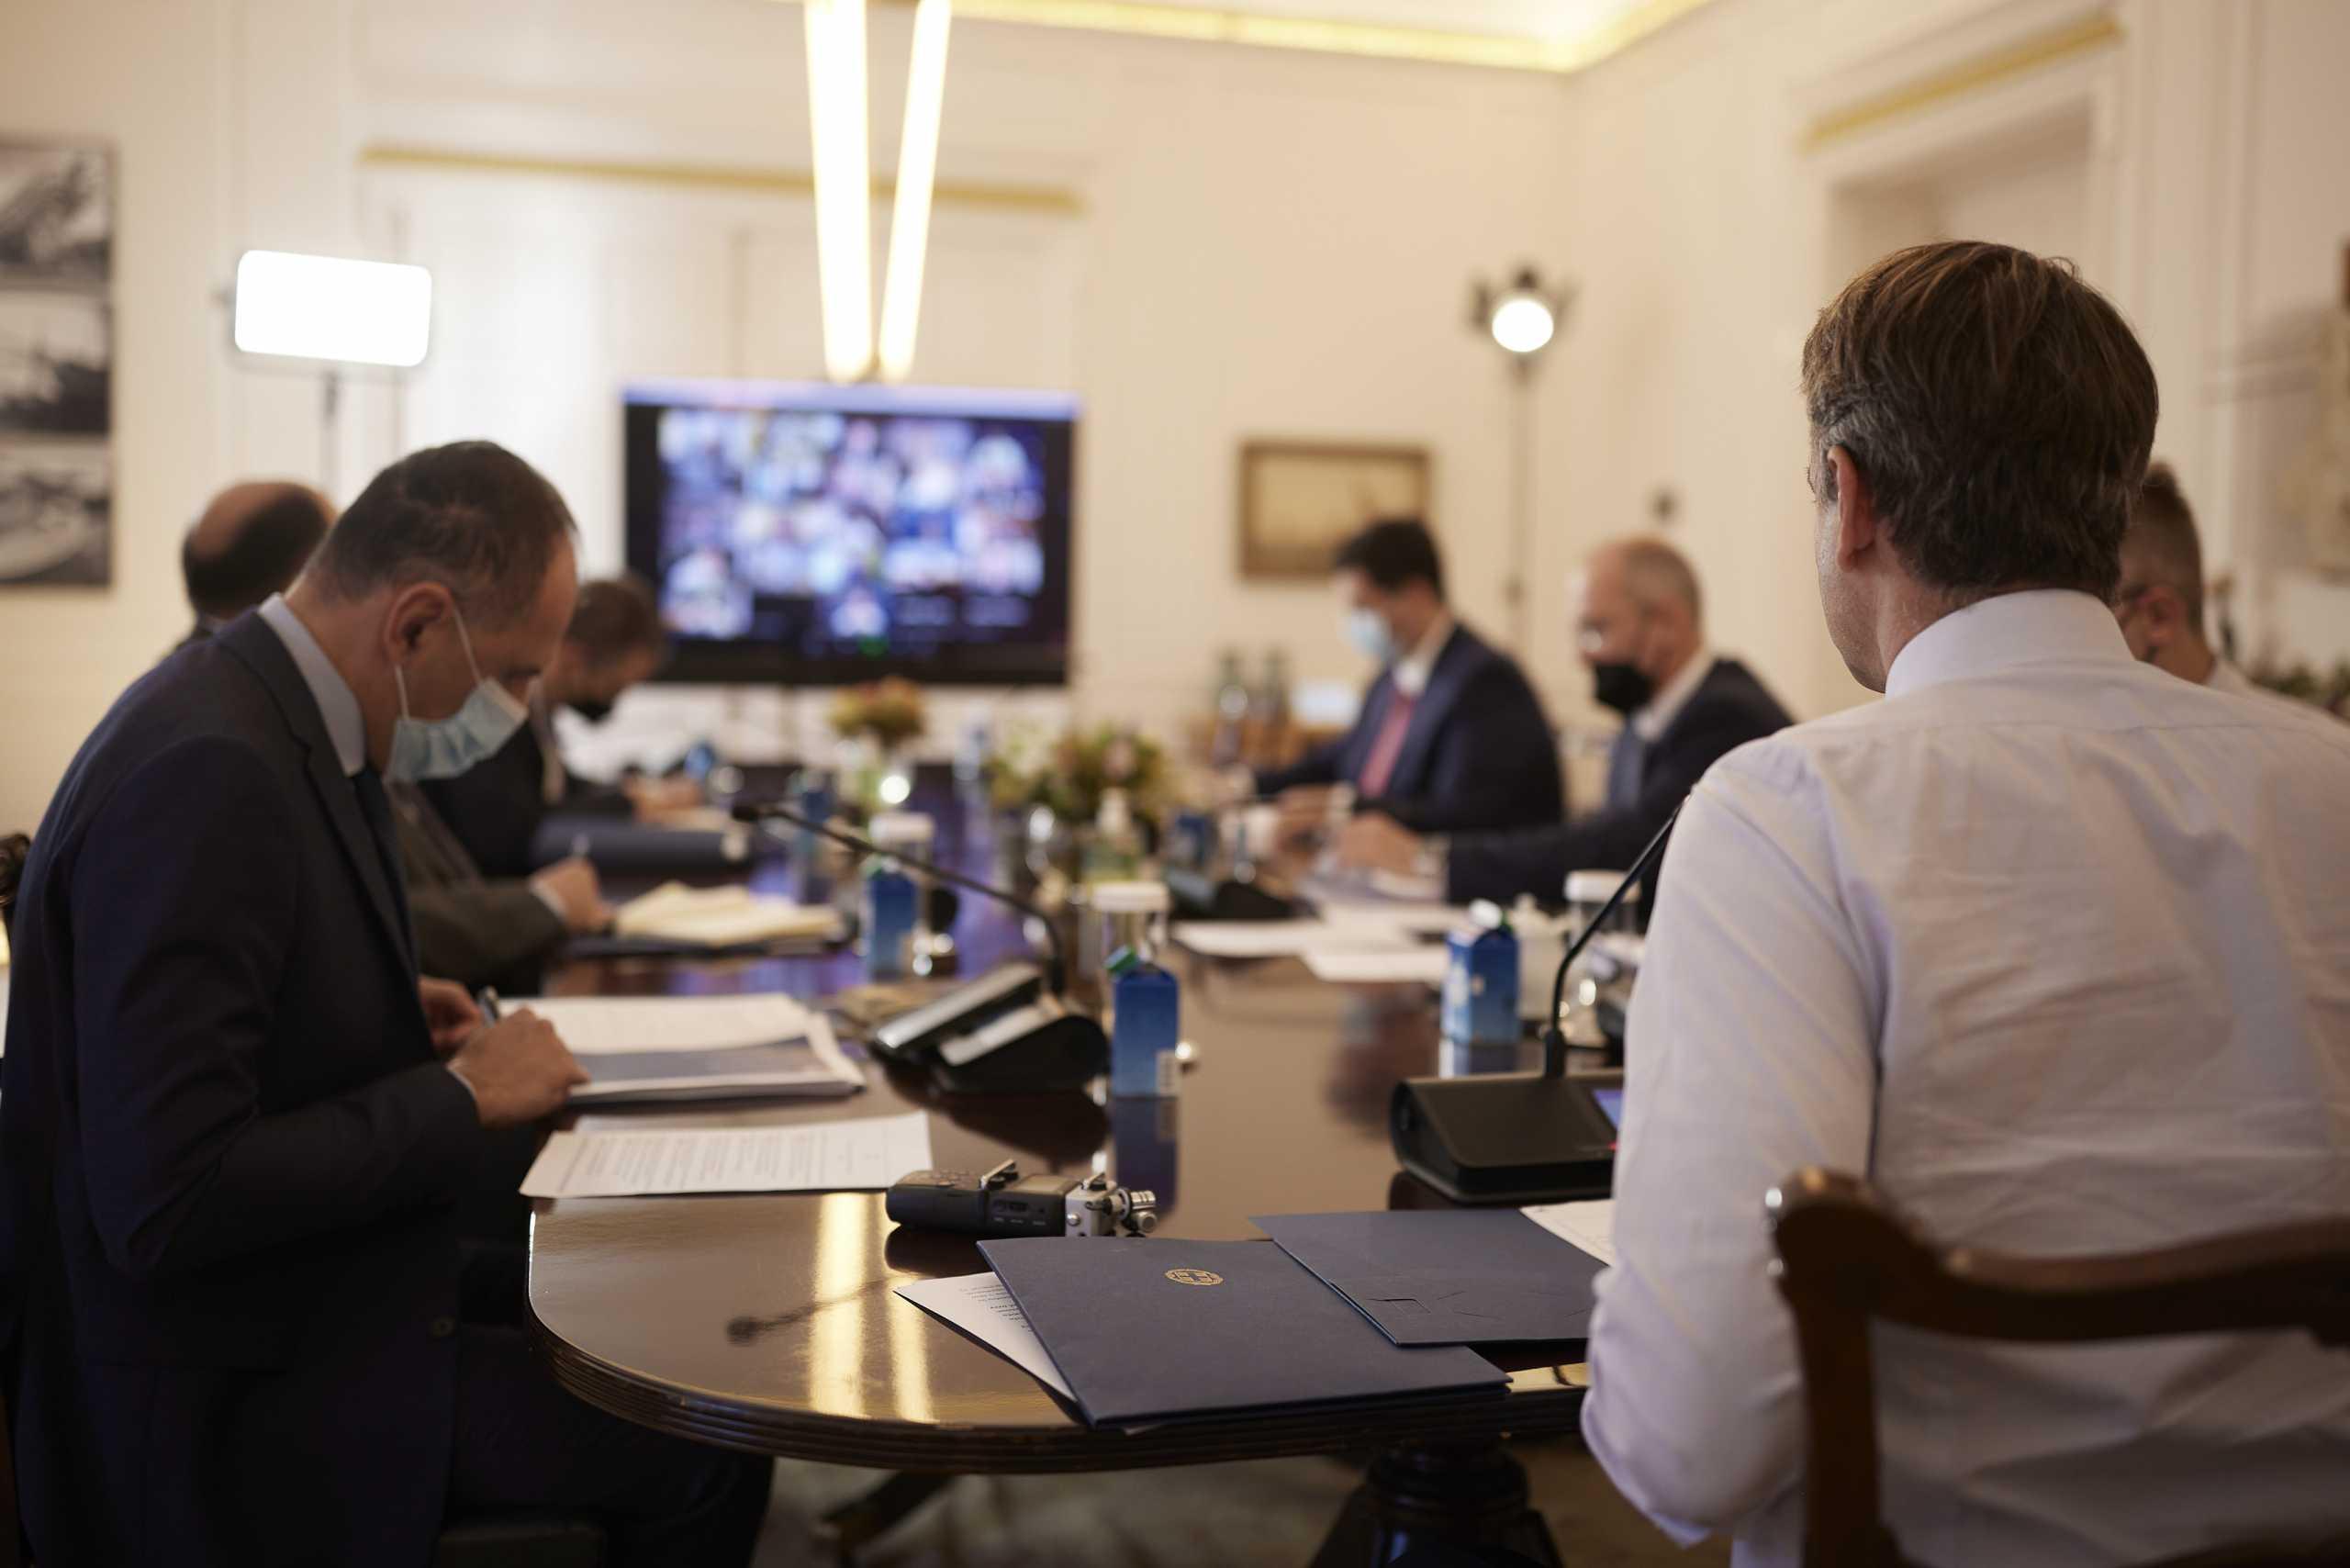 Κυριάκος Μητσοτάκης στο υπουργικό συμβούλιο: Θετικό το οικονομικό αποτύπωμα της Συμφωνίας